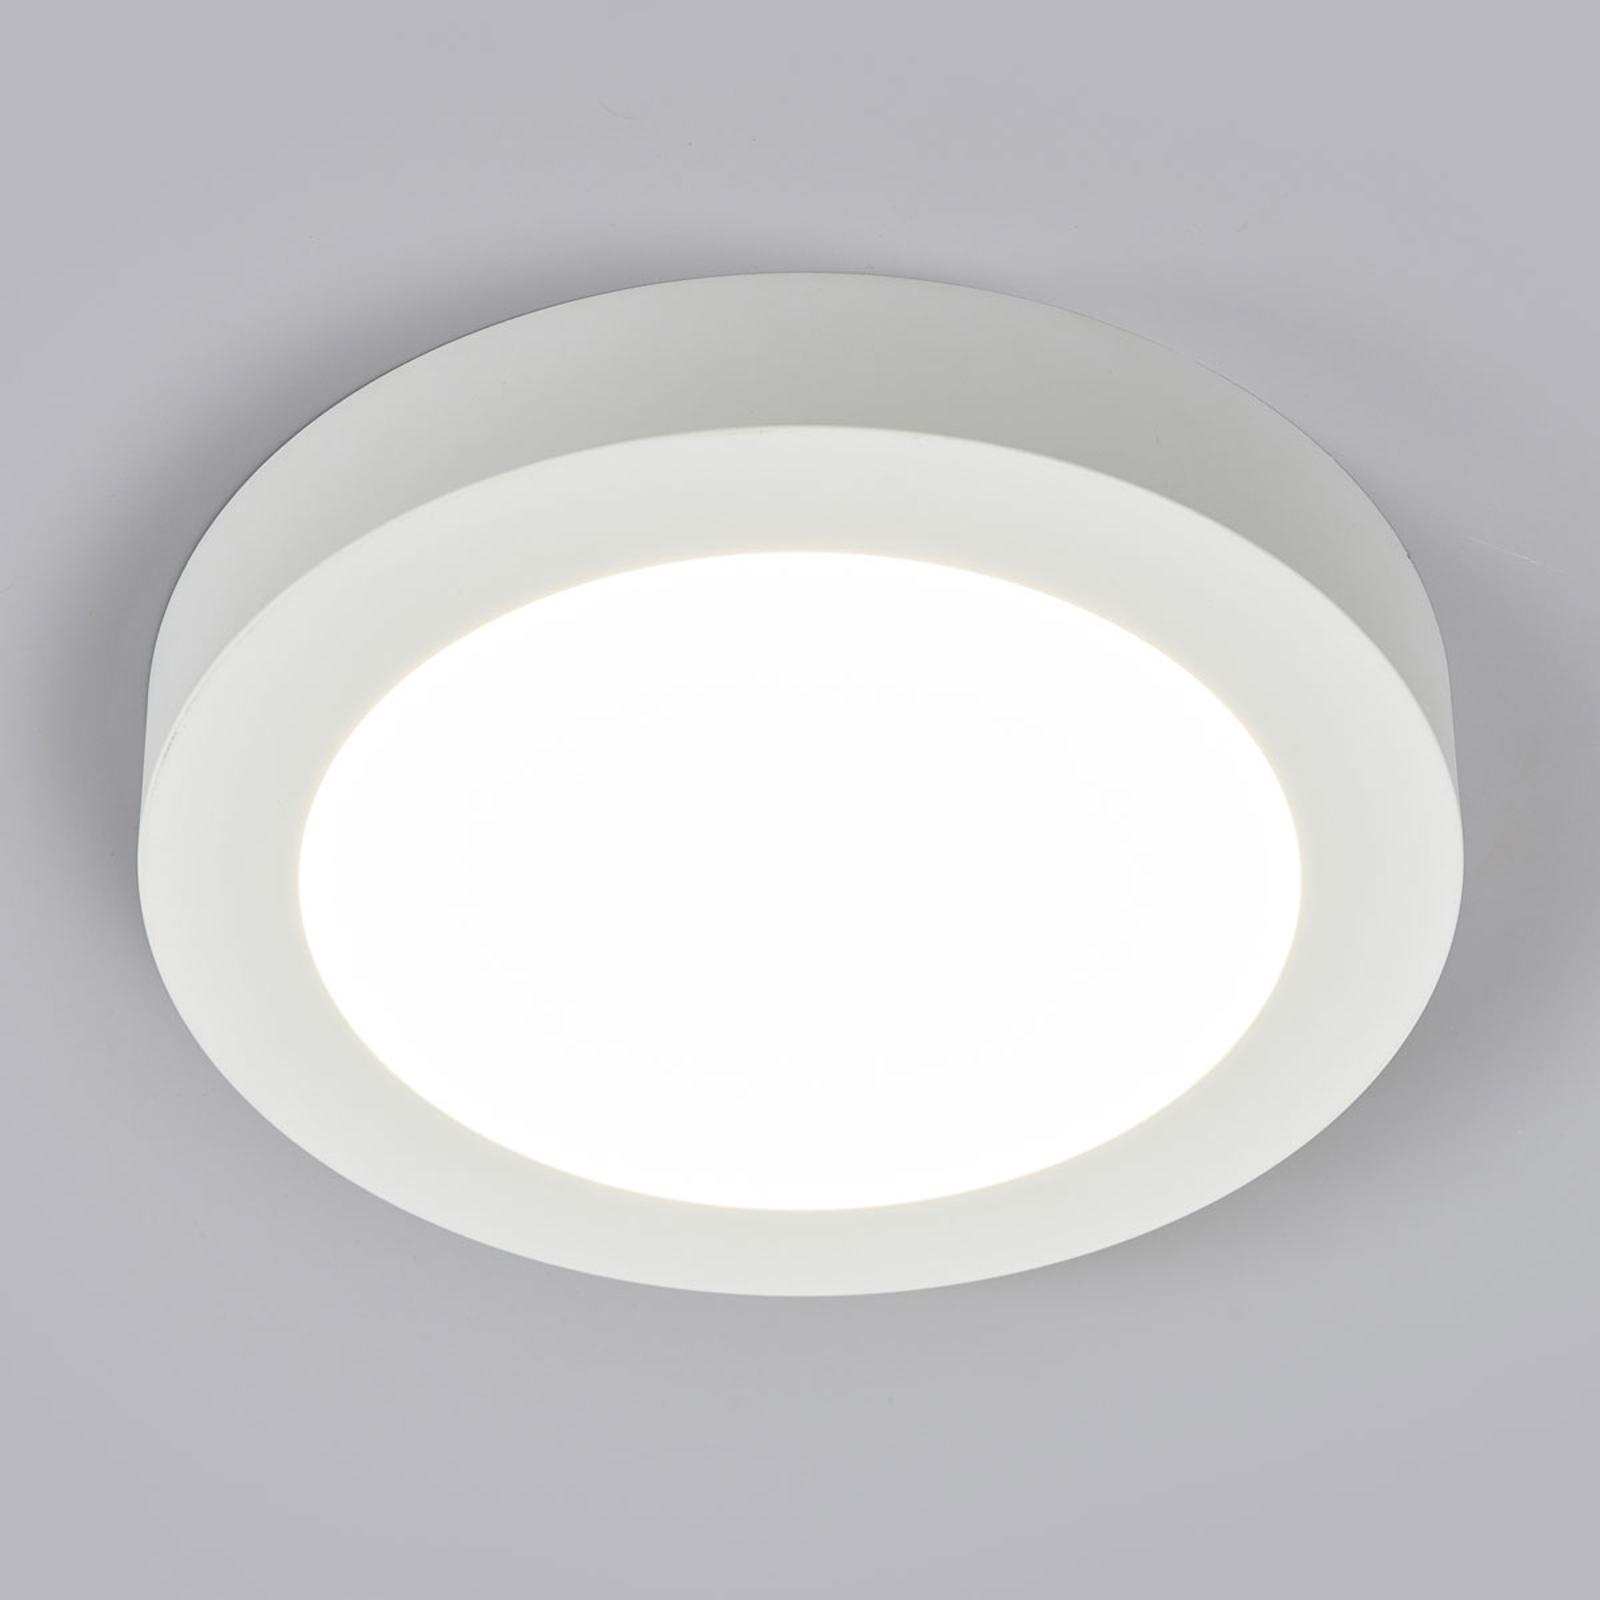 LED stropní svítidlo Marlo 4000K kulaté 25,2cm